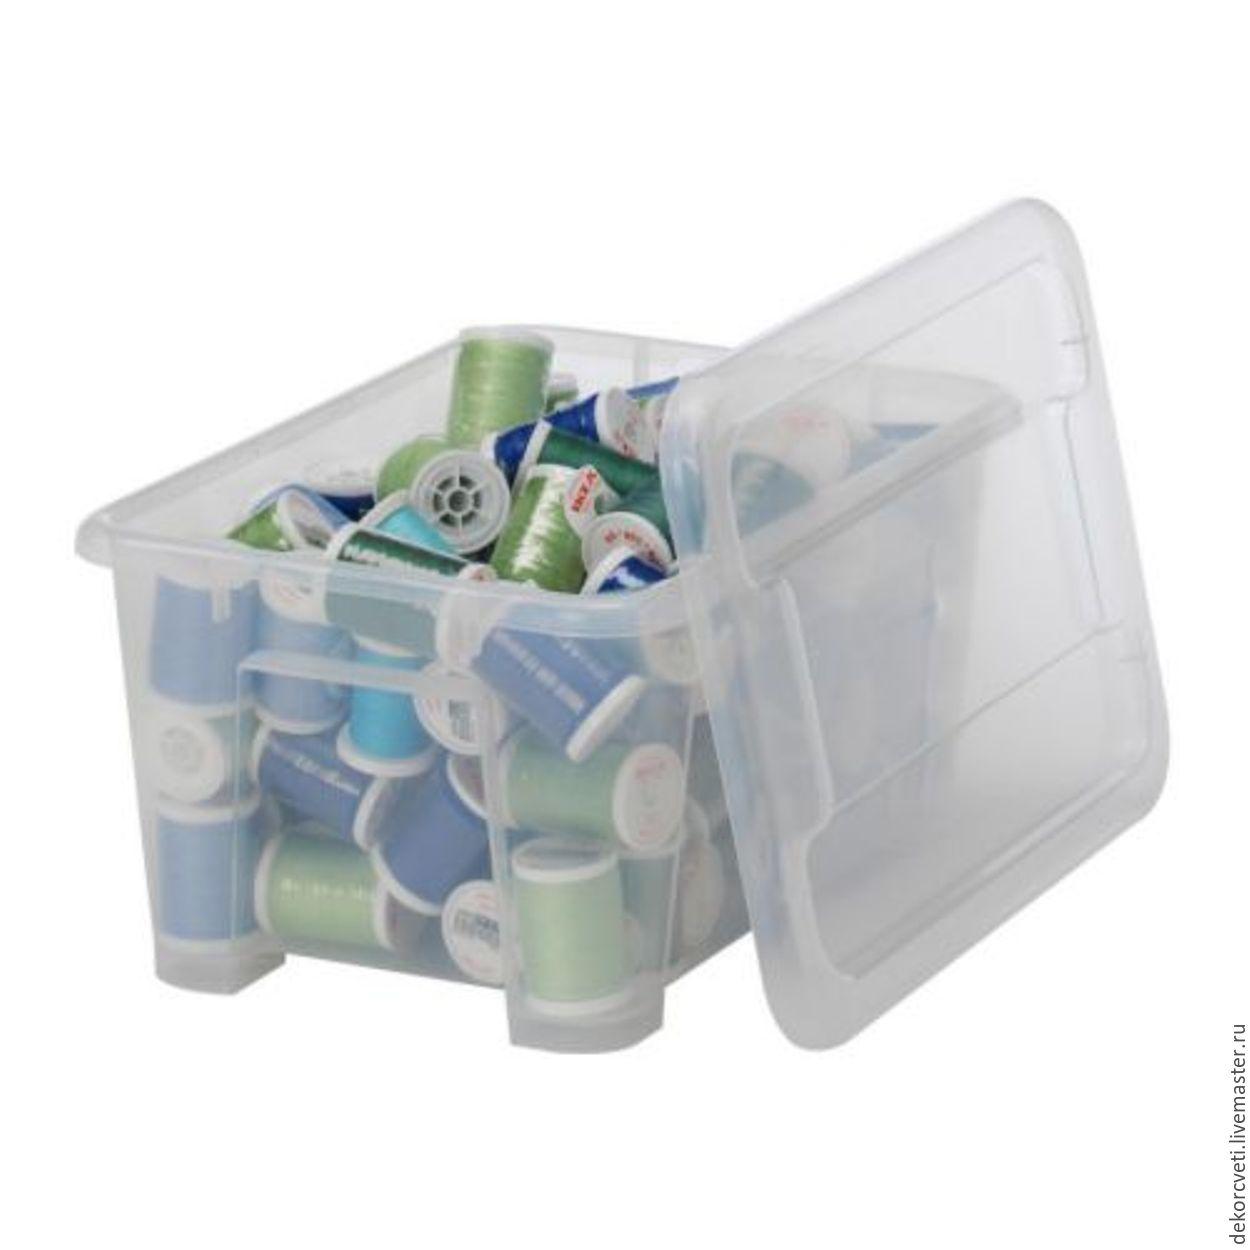 Короб (ящик, контейнер) универсальный 190х157х90мм 2л (прозрачный), Органайзеры, Ижевск,  Фото №1